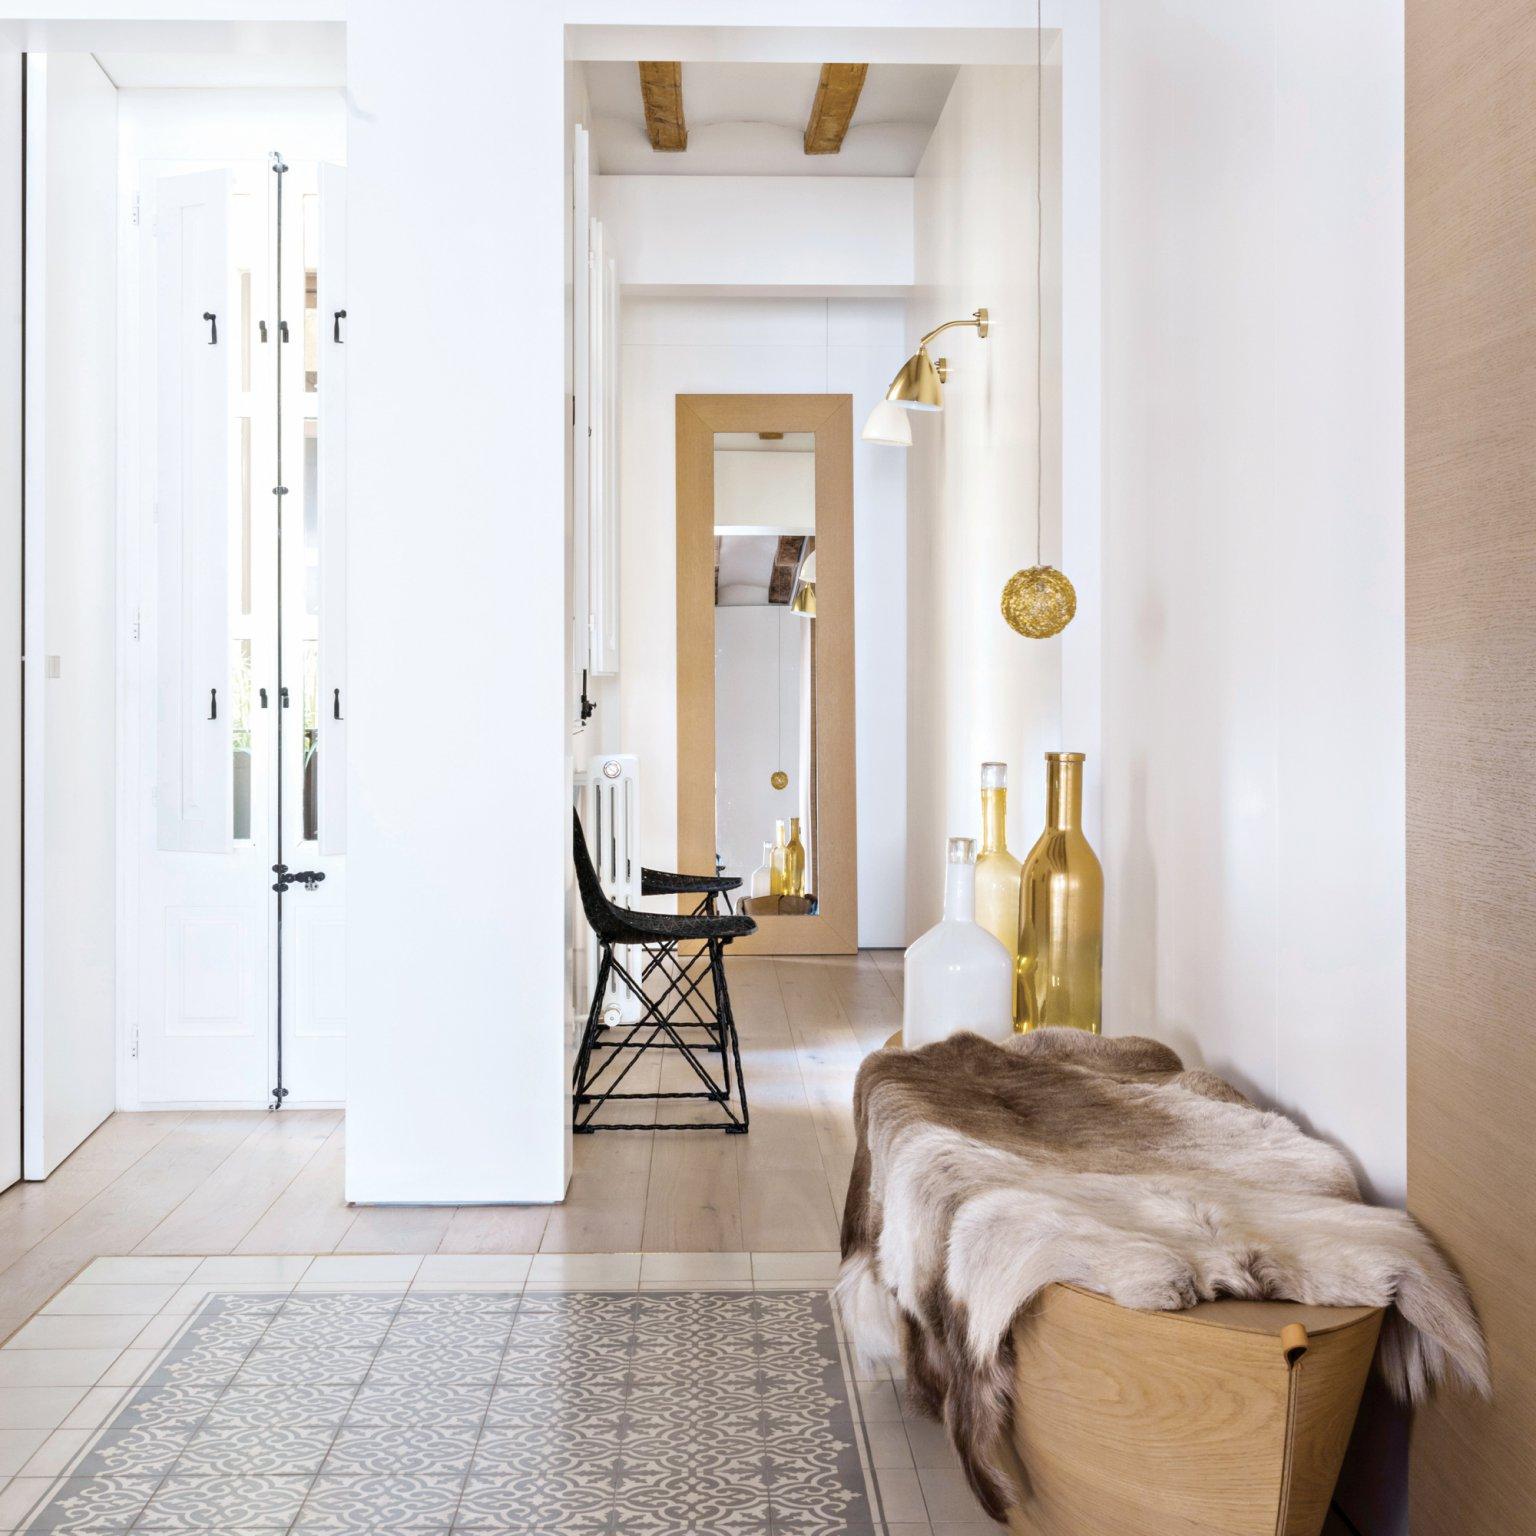 precioso recibidor decorado en tonos claros, banco de madera, paredes en blanco y detalles en dorado